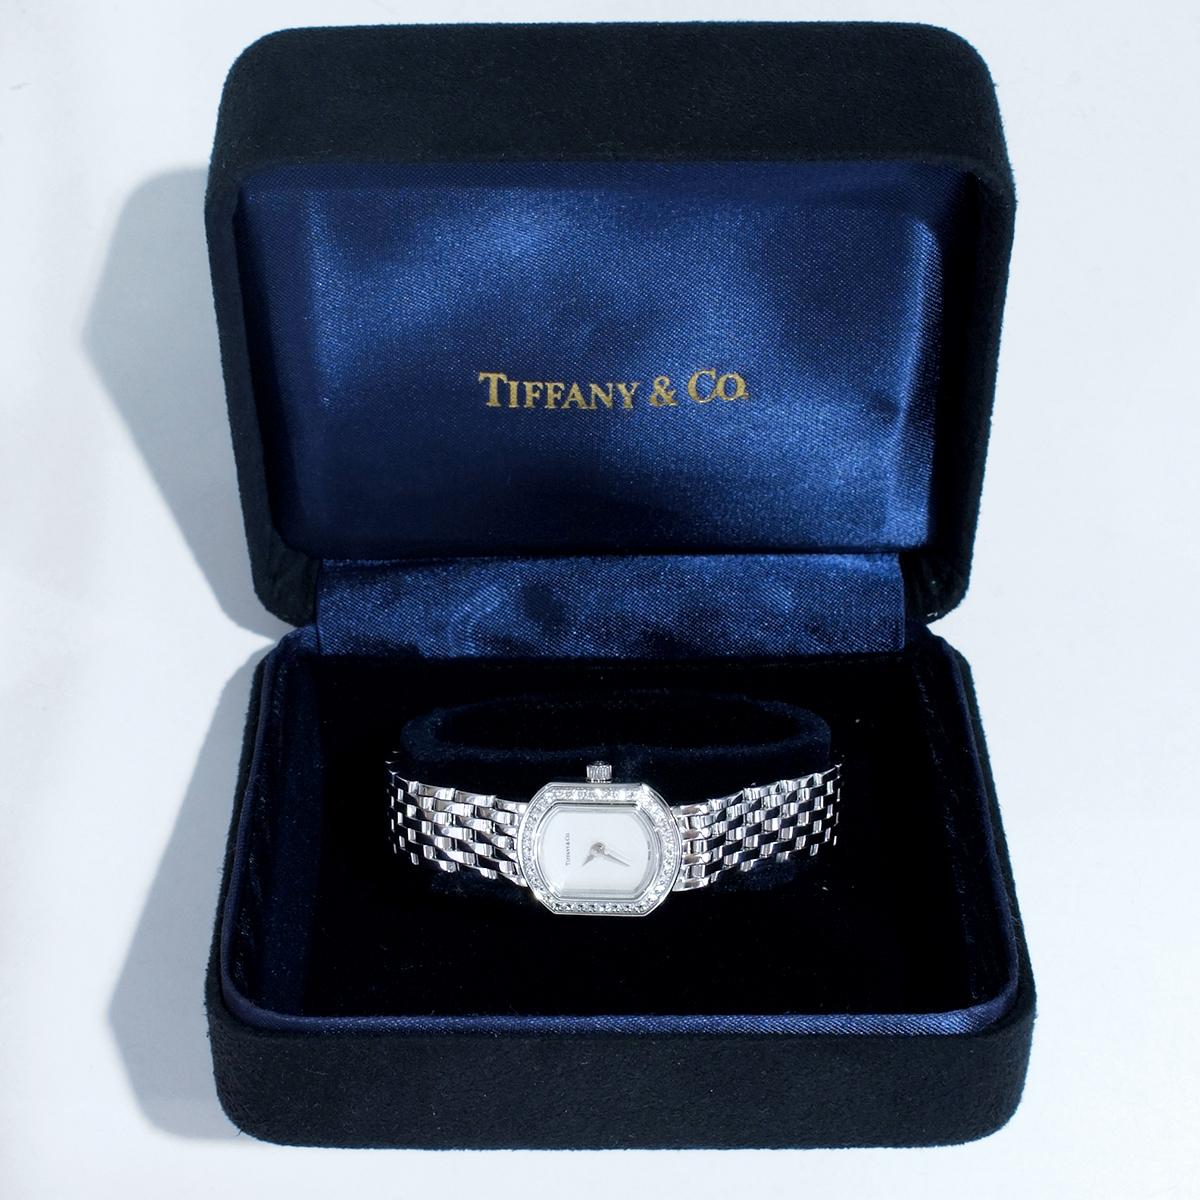 E8391【Tiffany&Co. 1837】ティファニー マーククーペ 純正ダイヤモンド 最高級18金WG無垢レディQZ 腕周り17cm 重量63.81g ケース幅16.7mm_画像5